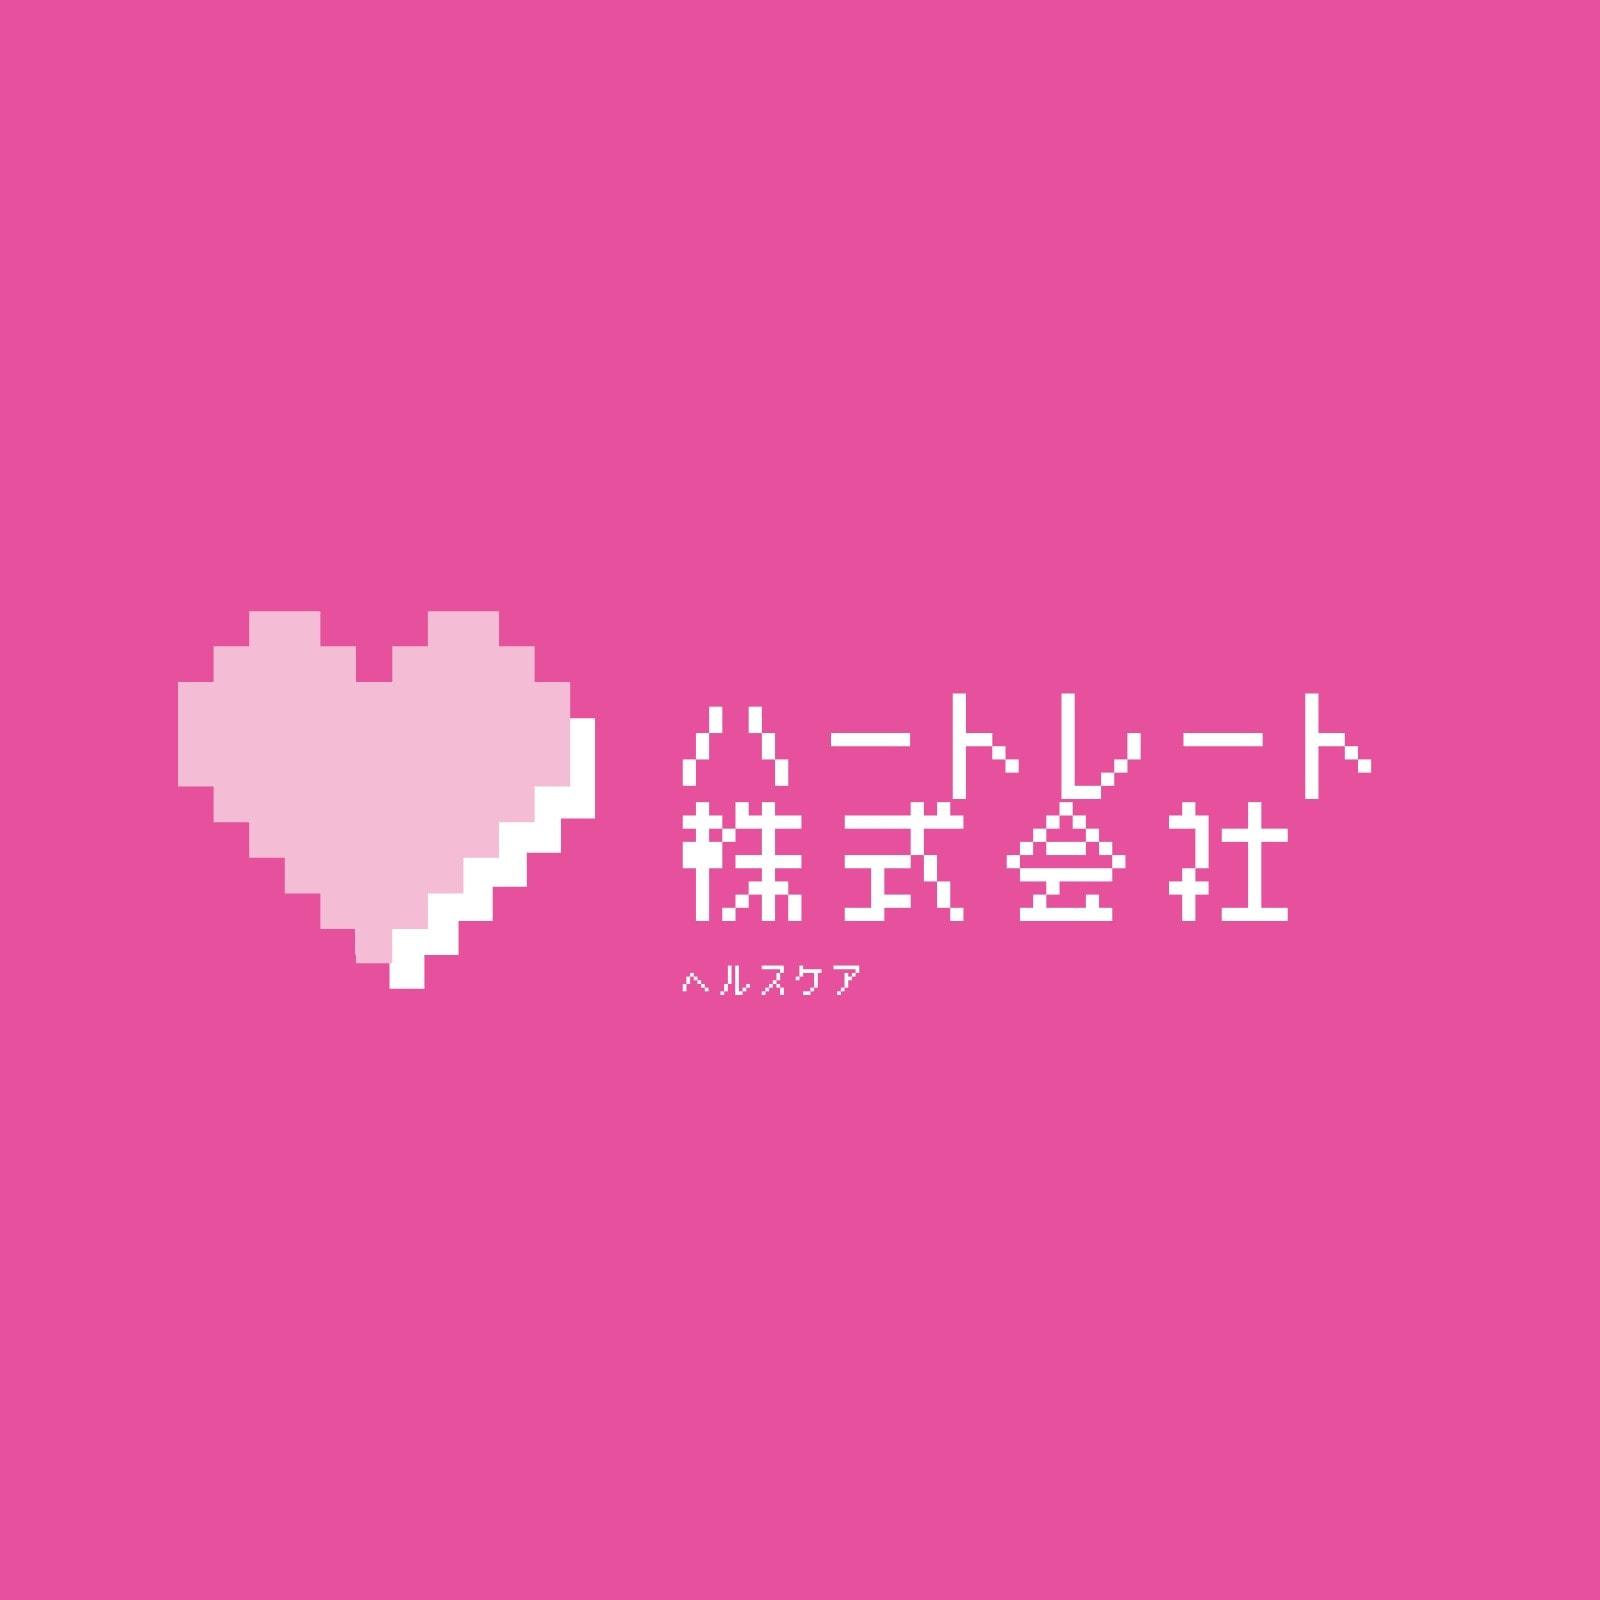 ピンク、ハート・ピクセル、バンド、ロゴ